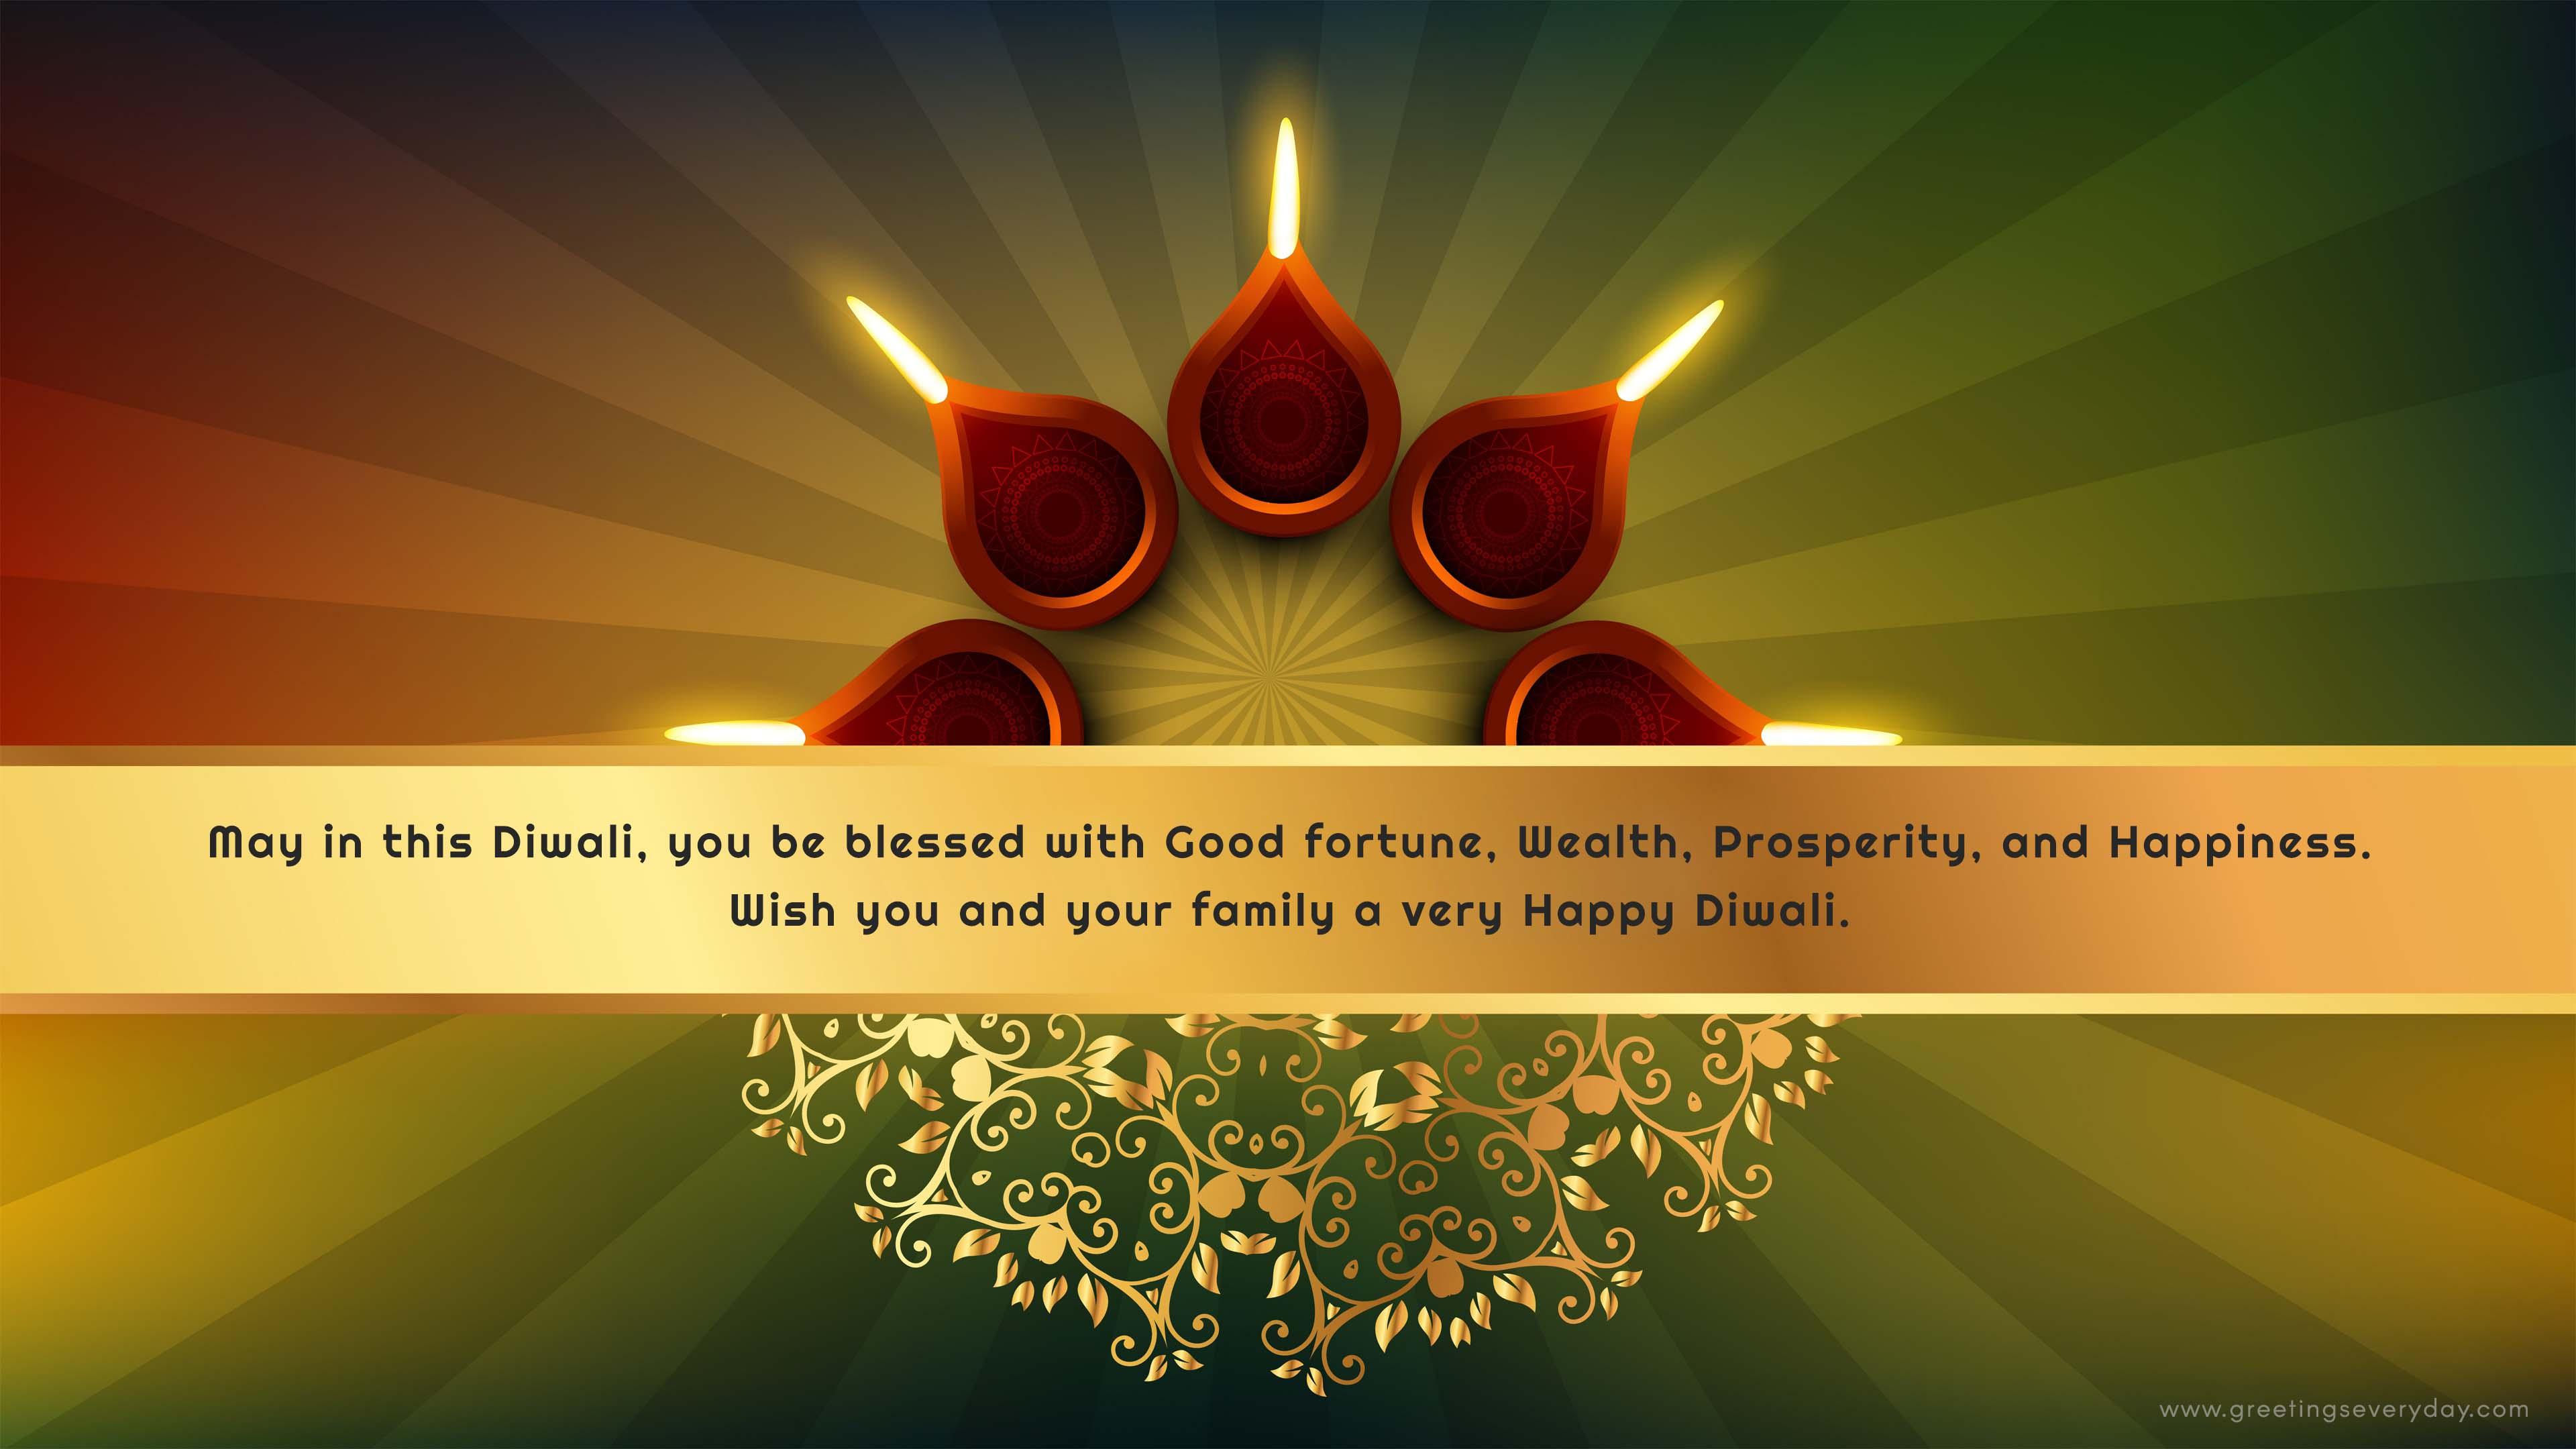 Happy Deepawali 2021